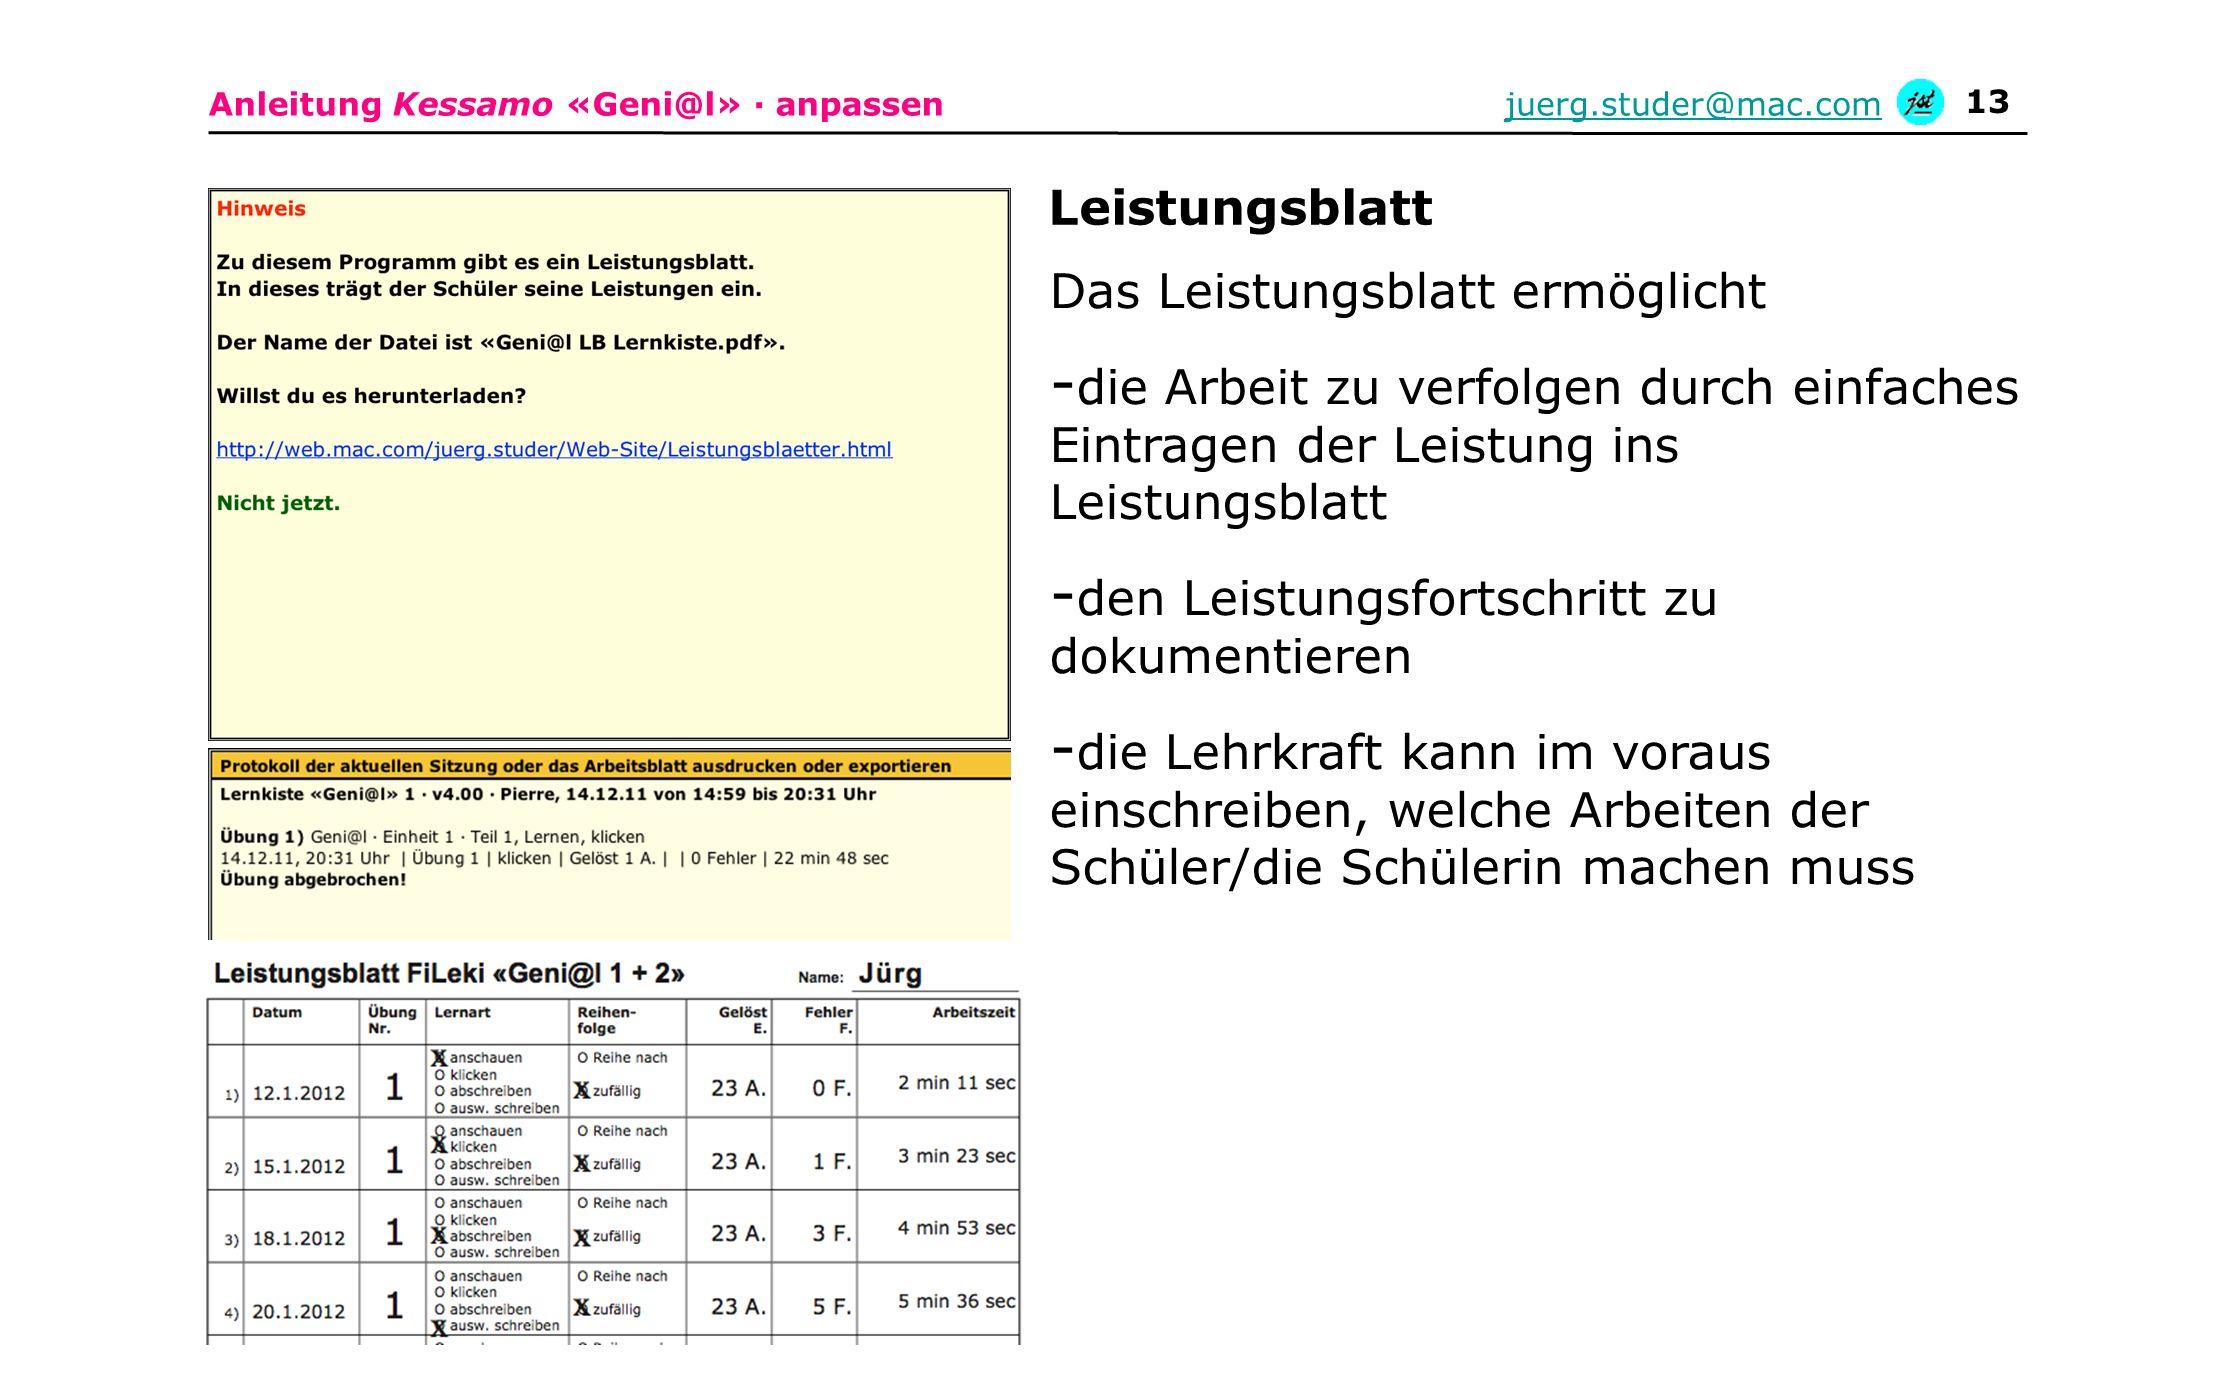 Leistungsblatt Das Leistungsblatt ermöglicht. die Arbeit zu verfolgen durch einfaches Eintragen der Leistung ins Leistungsblatt.